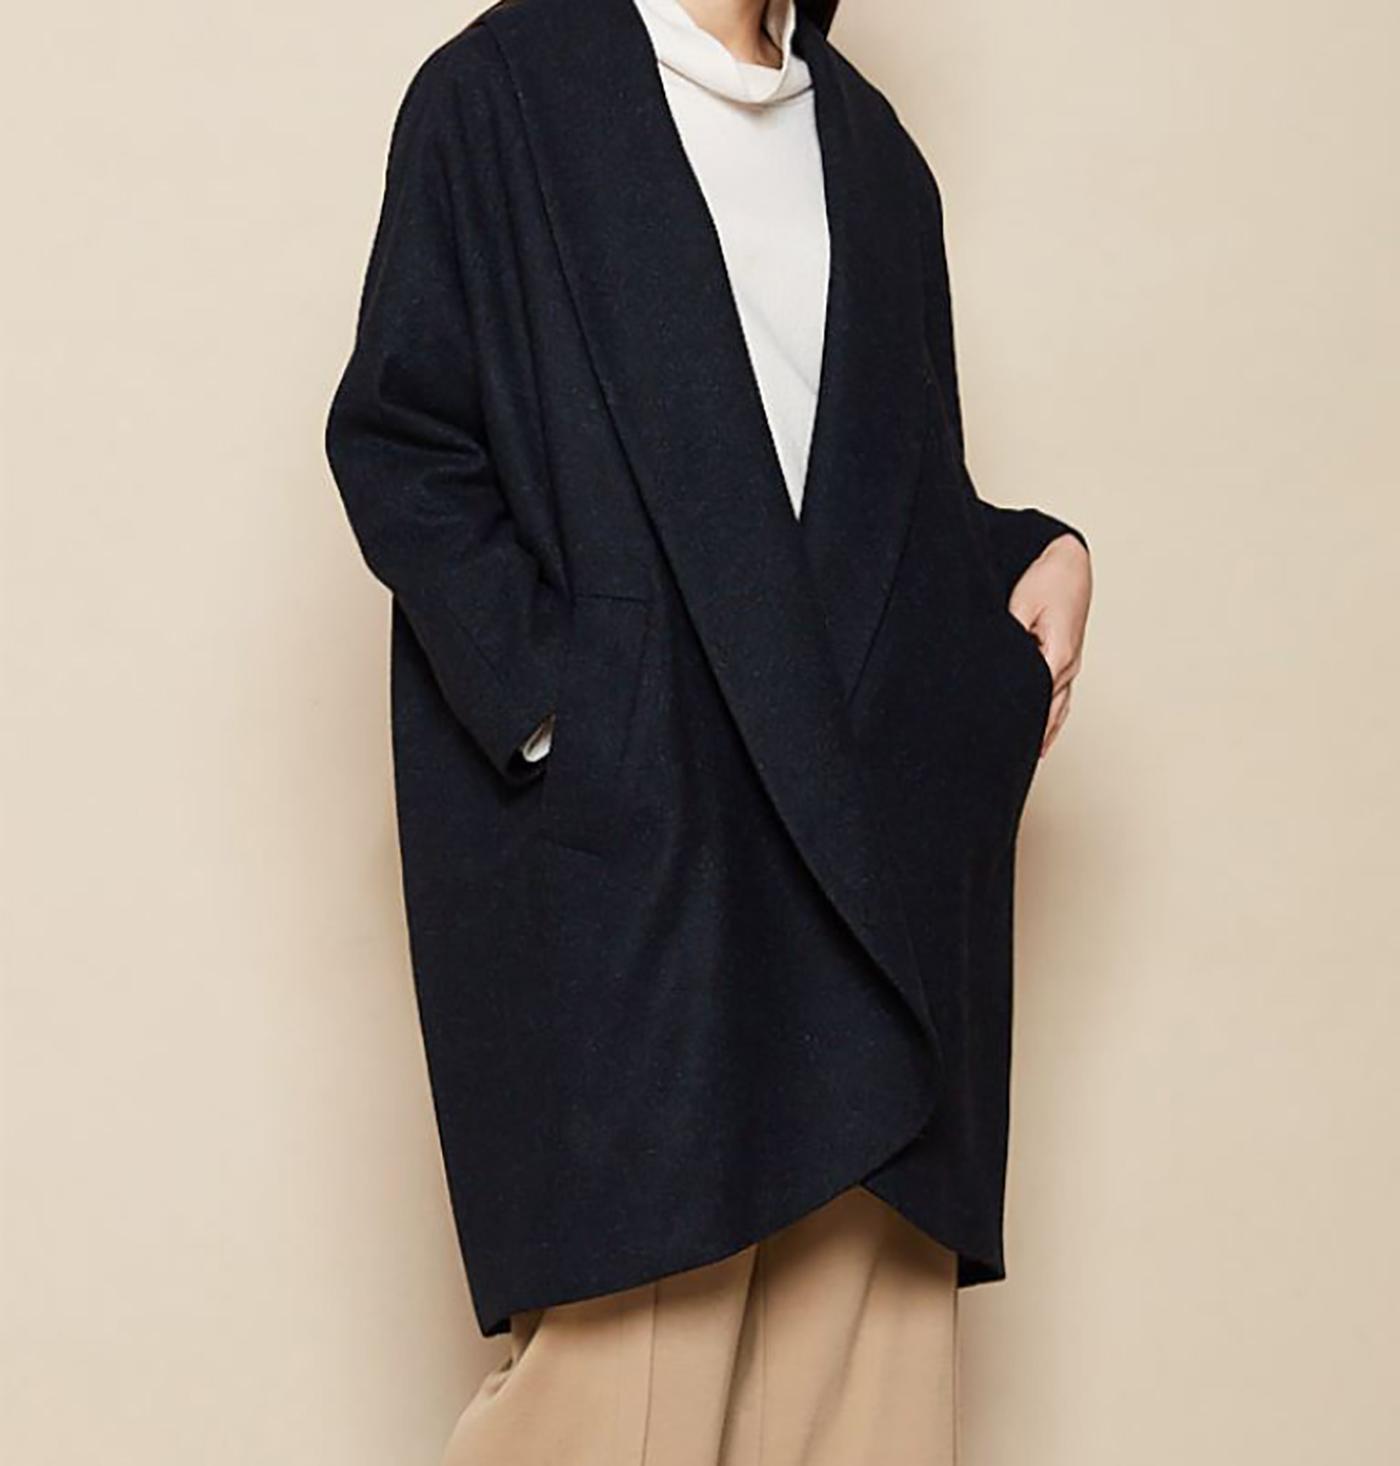 은하수 울실크 코트/요즘 같은 날씨에 입기 딱 좋은 은하수 울실크 코트 상세이미지2